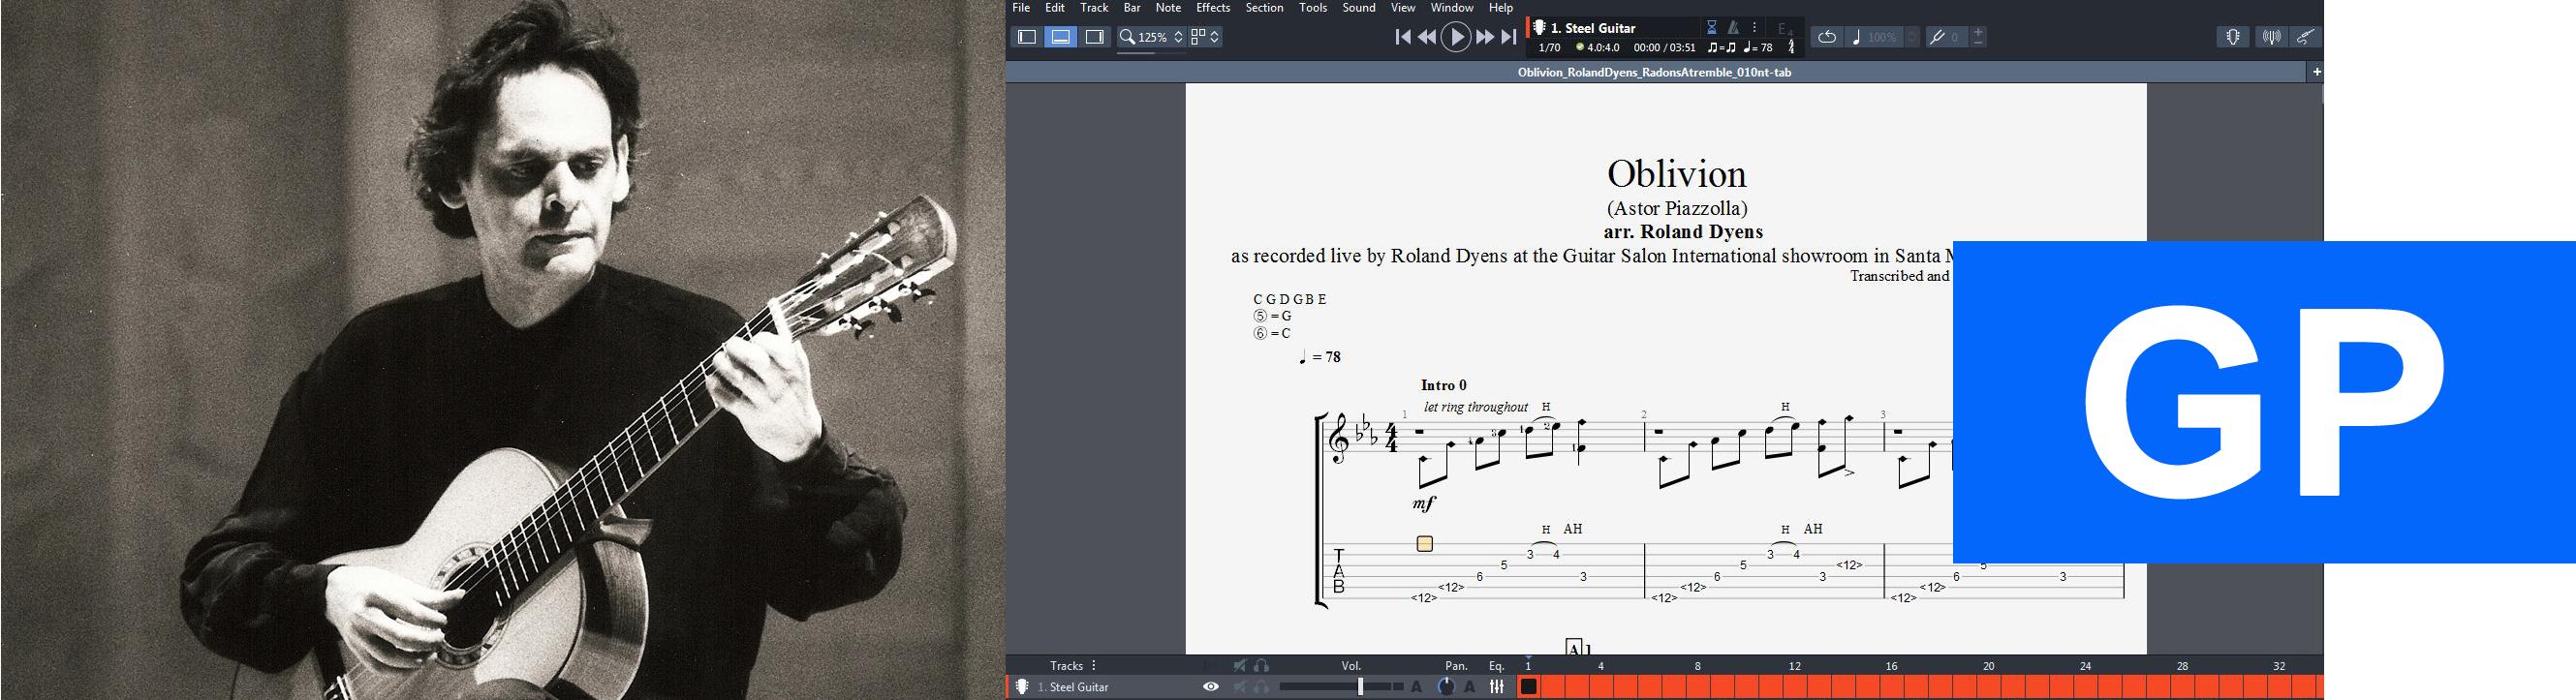 010 Oblivion - Roland Dyens GP